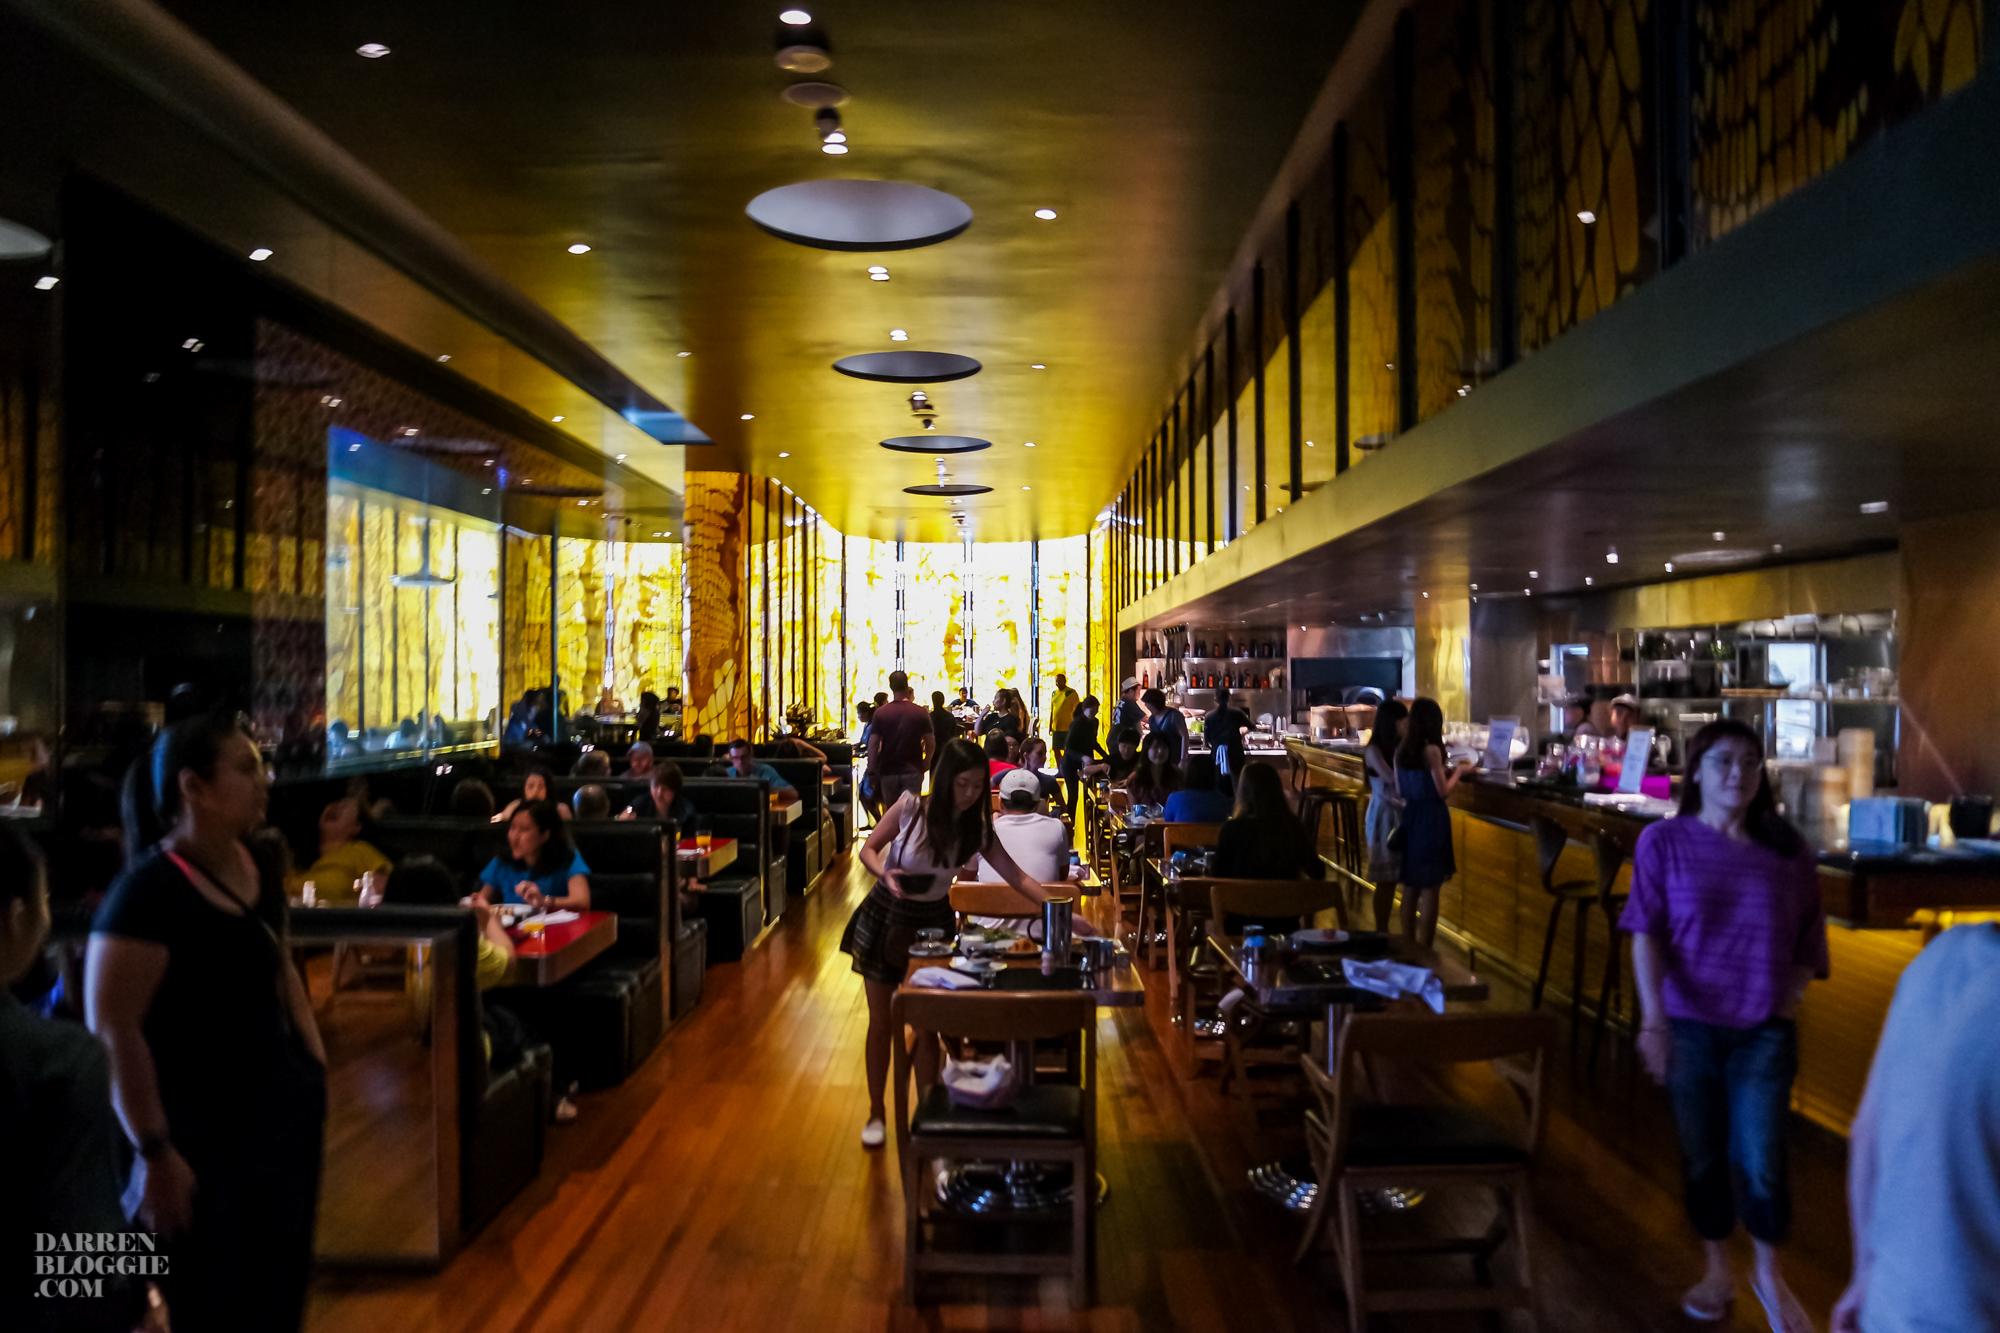 wbangkok_starwood_hotel-36